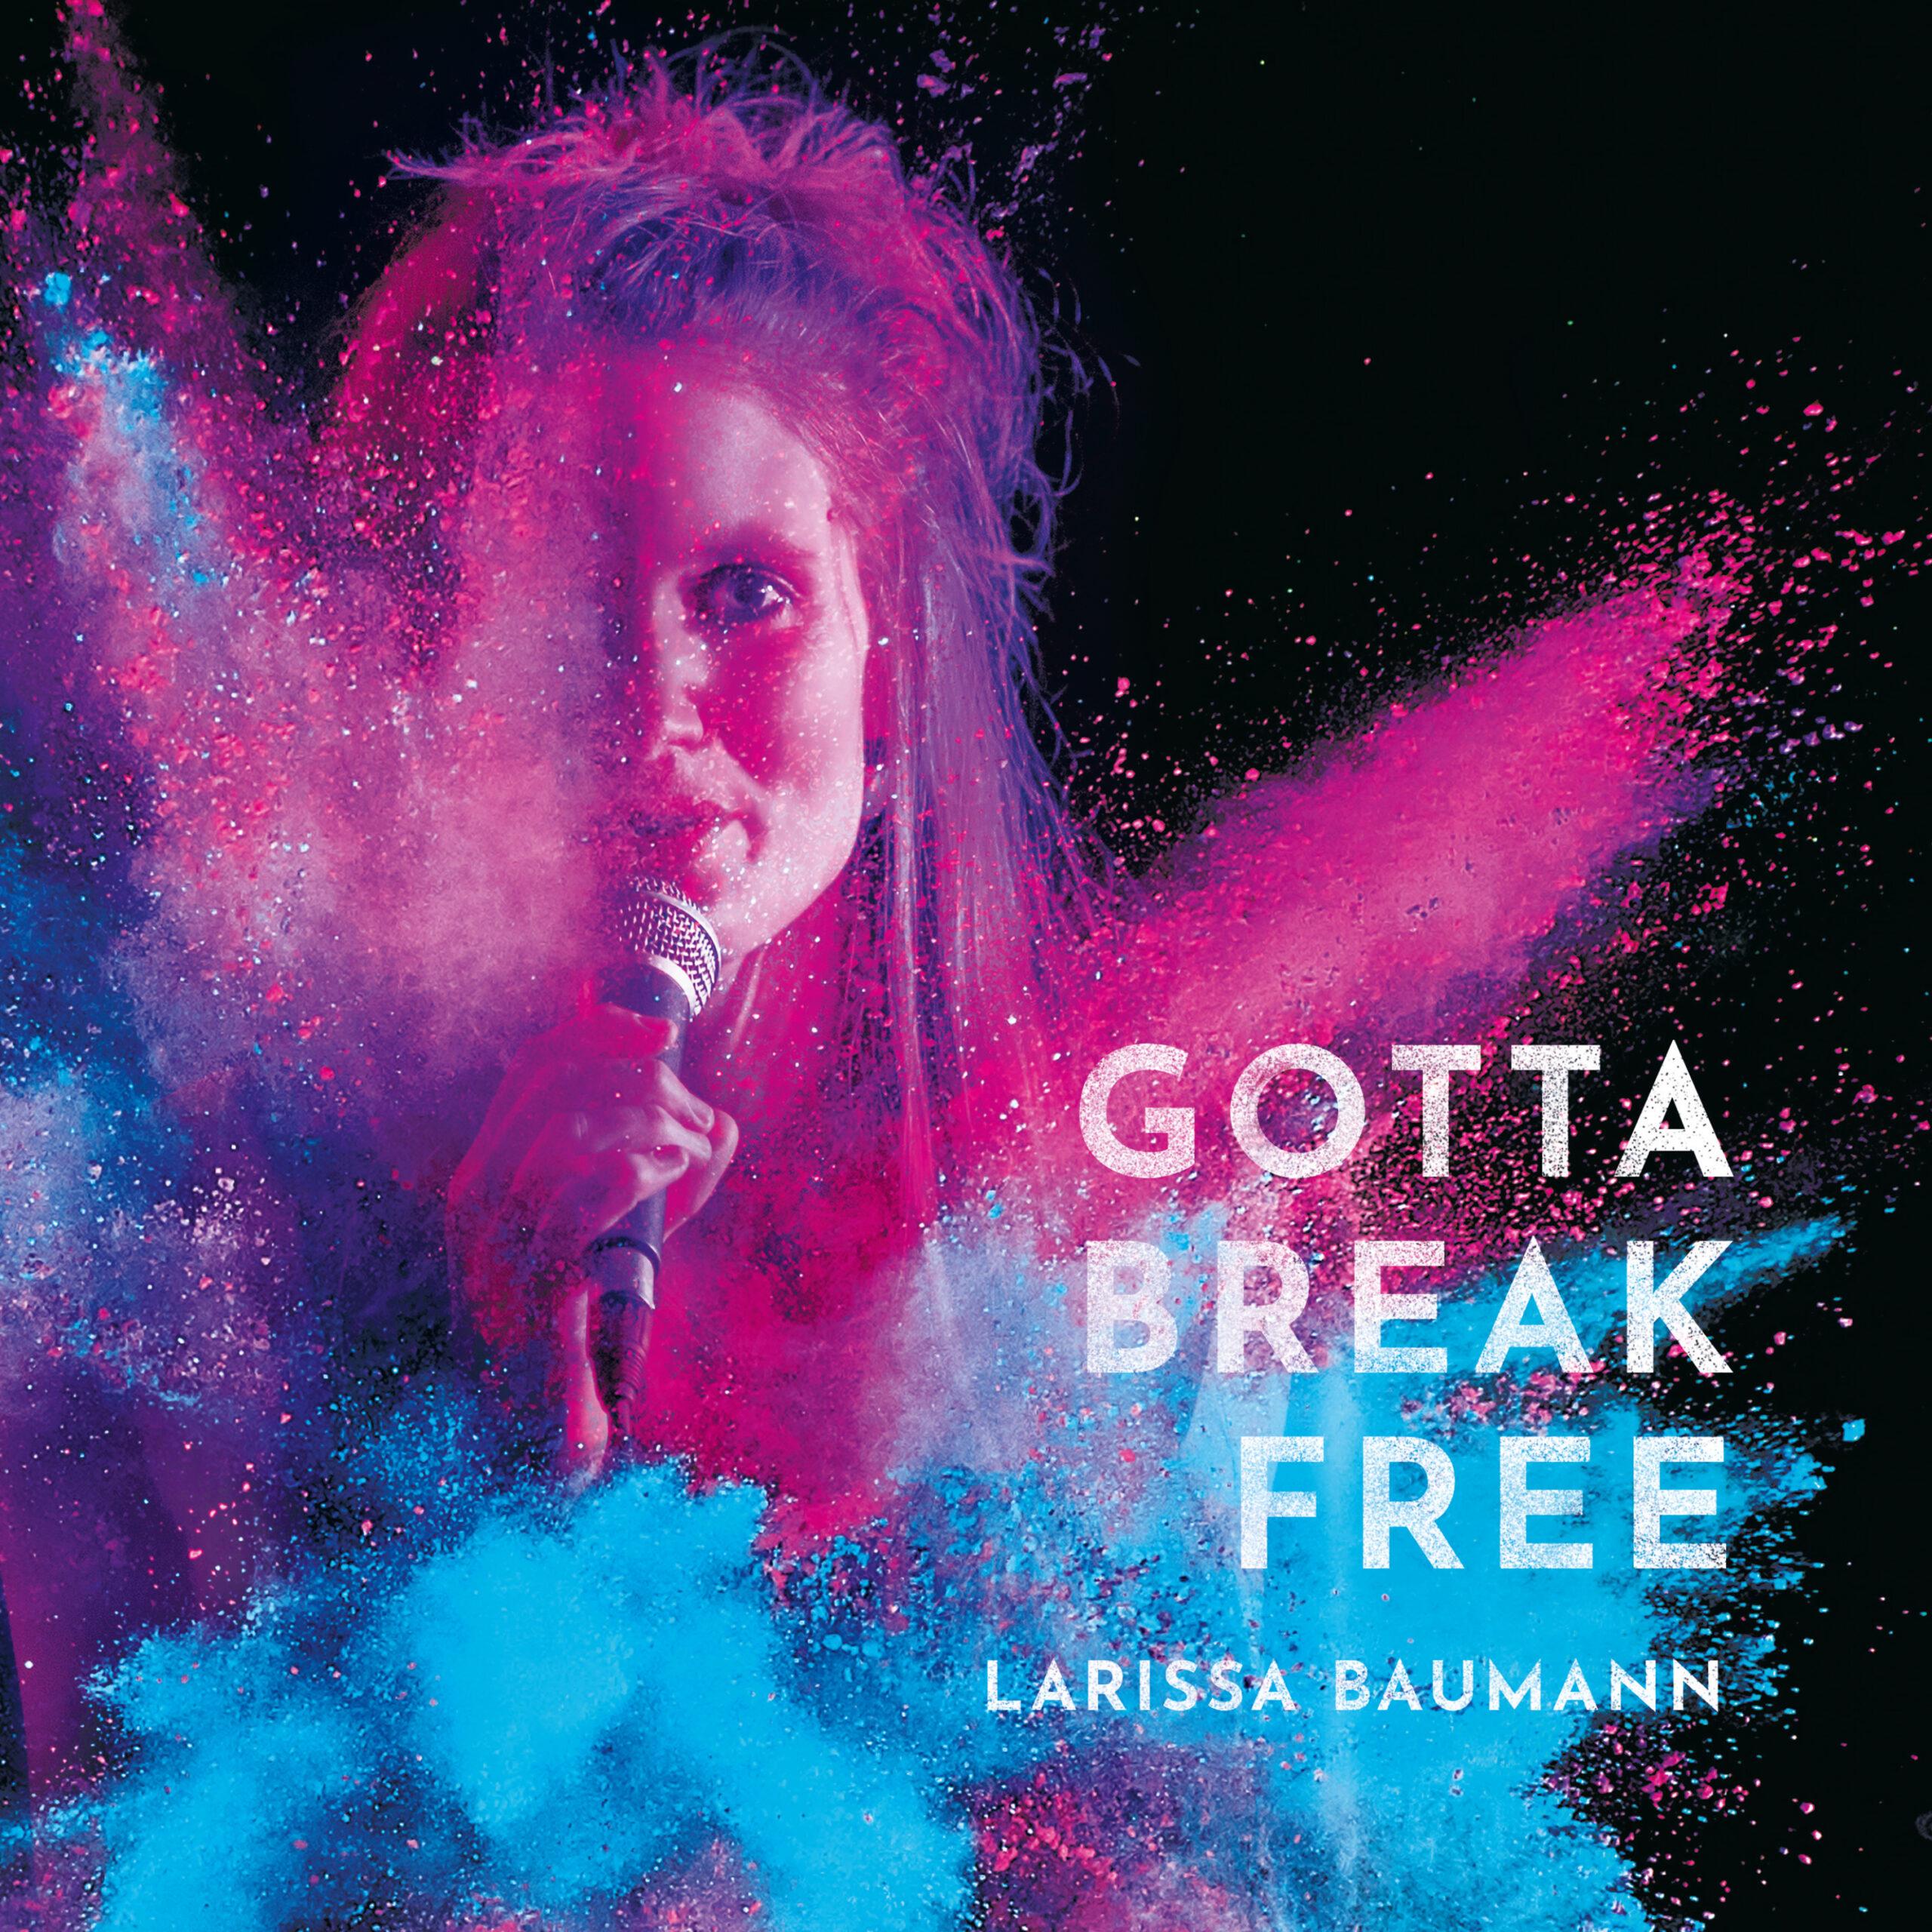 ``Gotta break free``